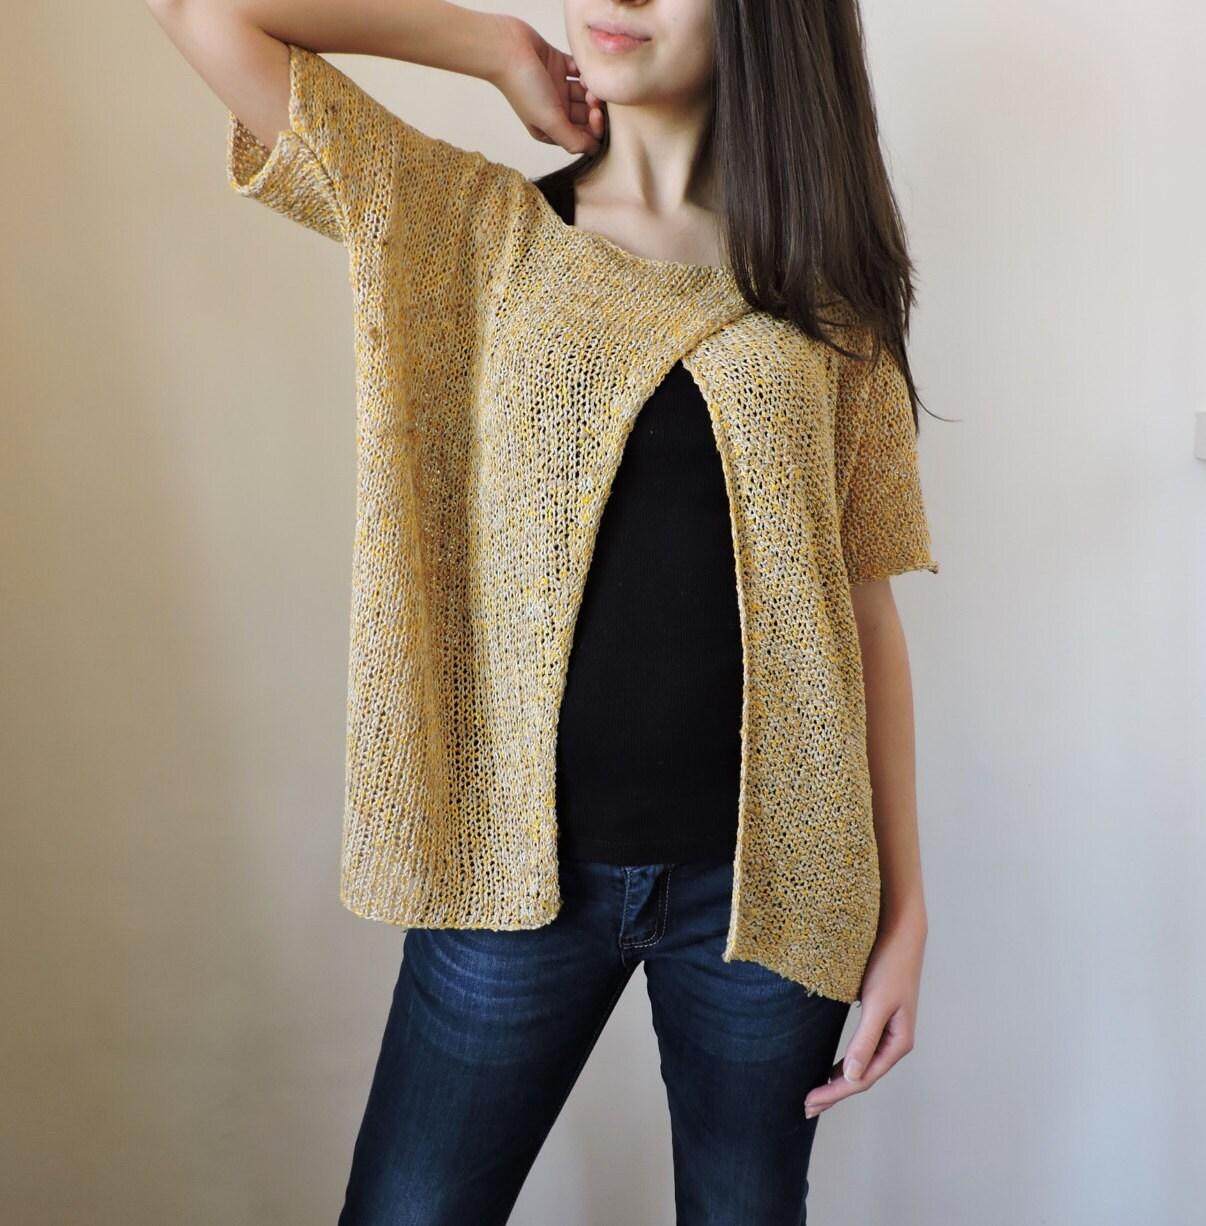 Knitting Summer Blouses : Knit summer shirt cotton tank short sleeve blouse open